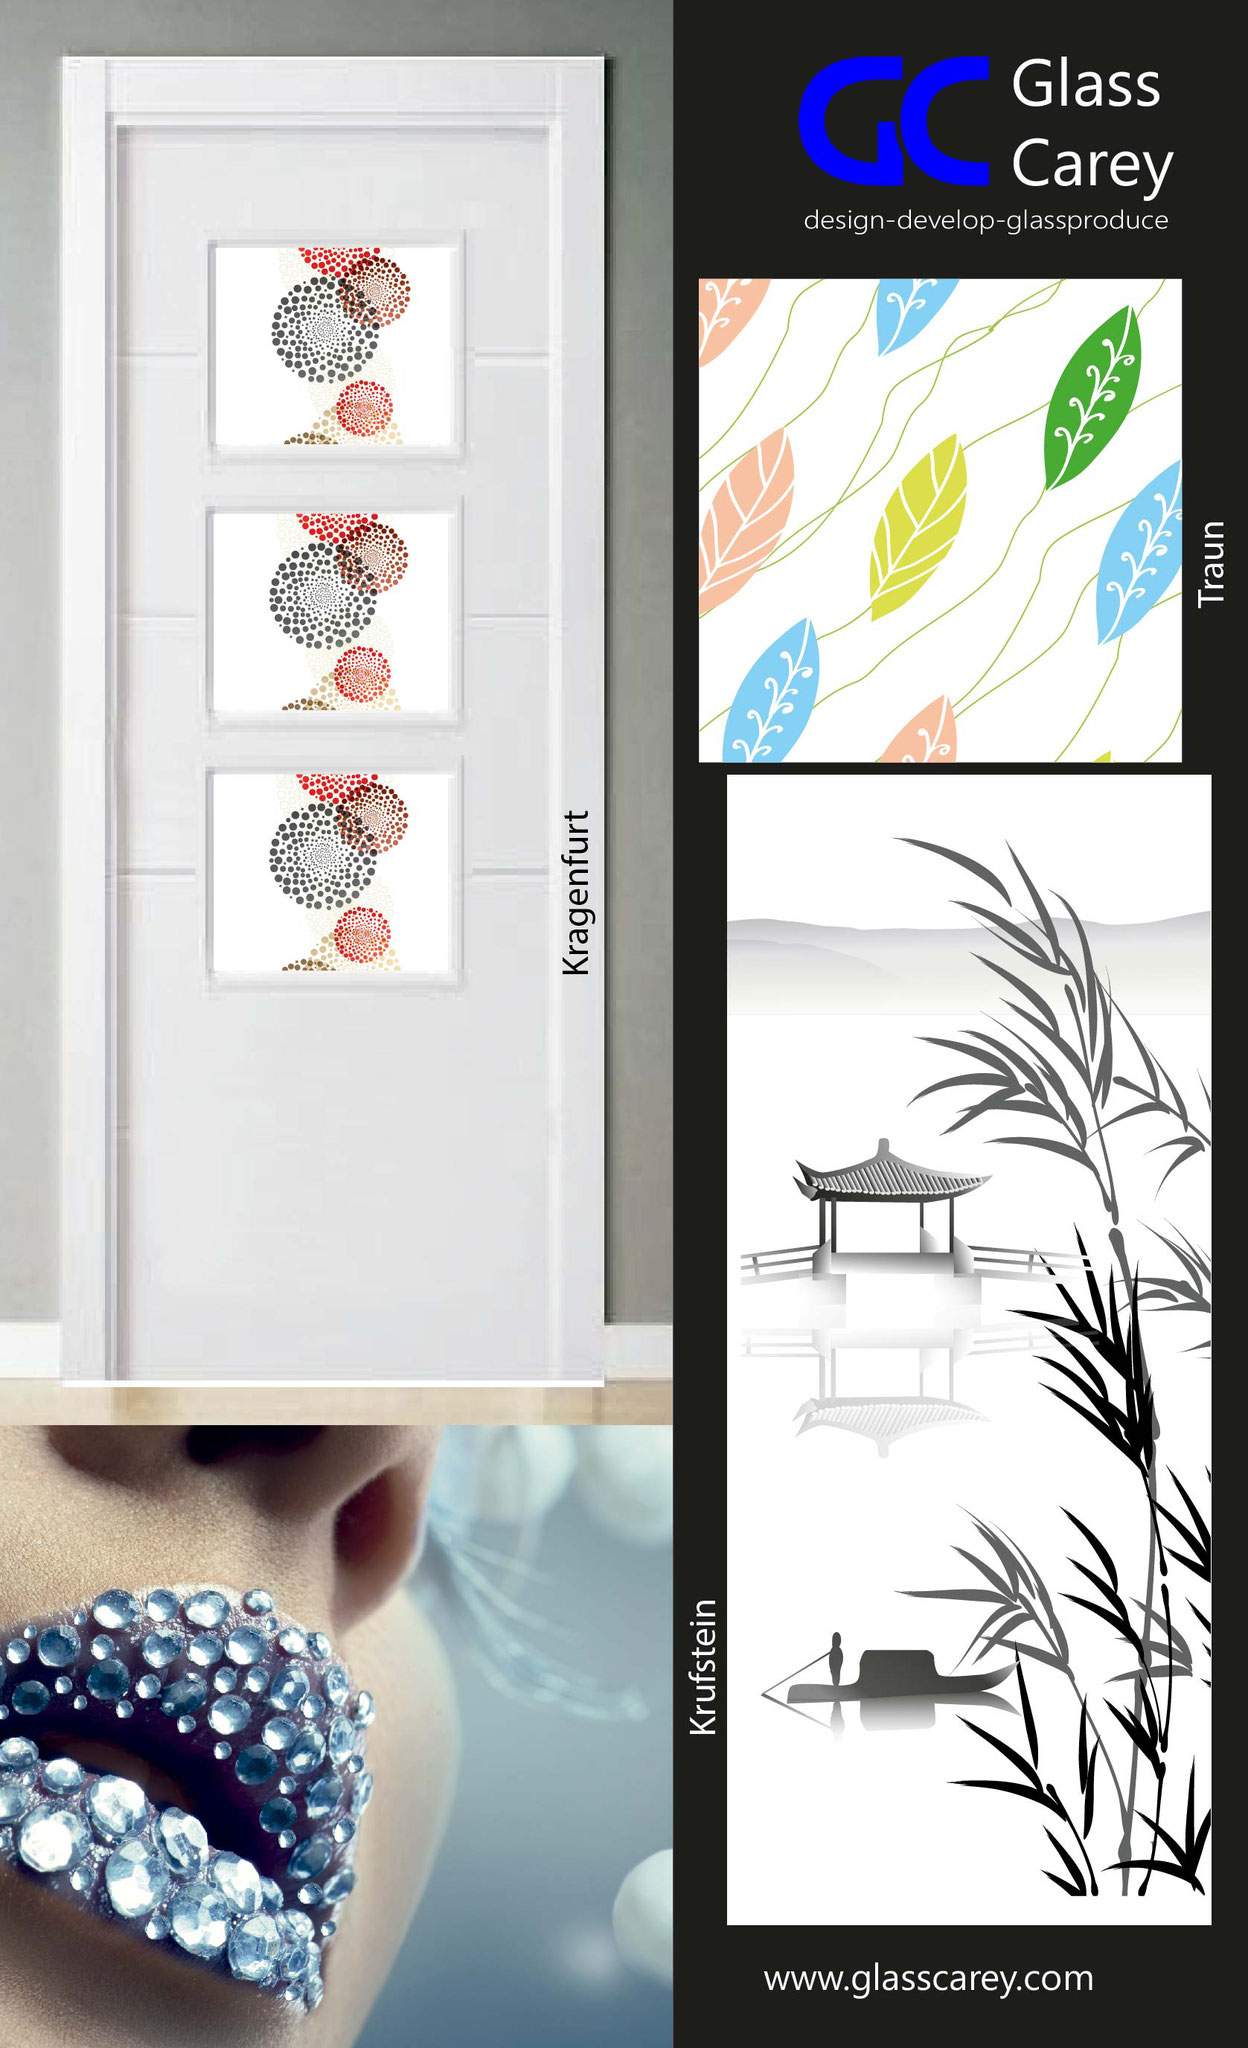 Impresión digital cristal puertas. VIDRIOTEC (Murcia) (3)